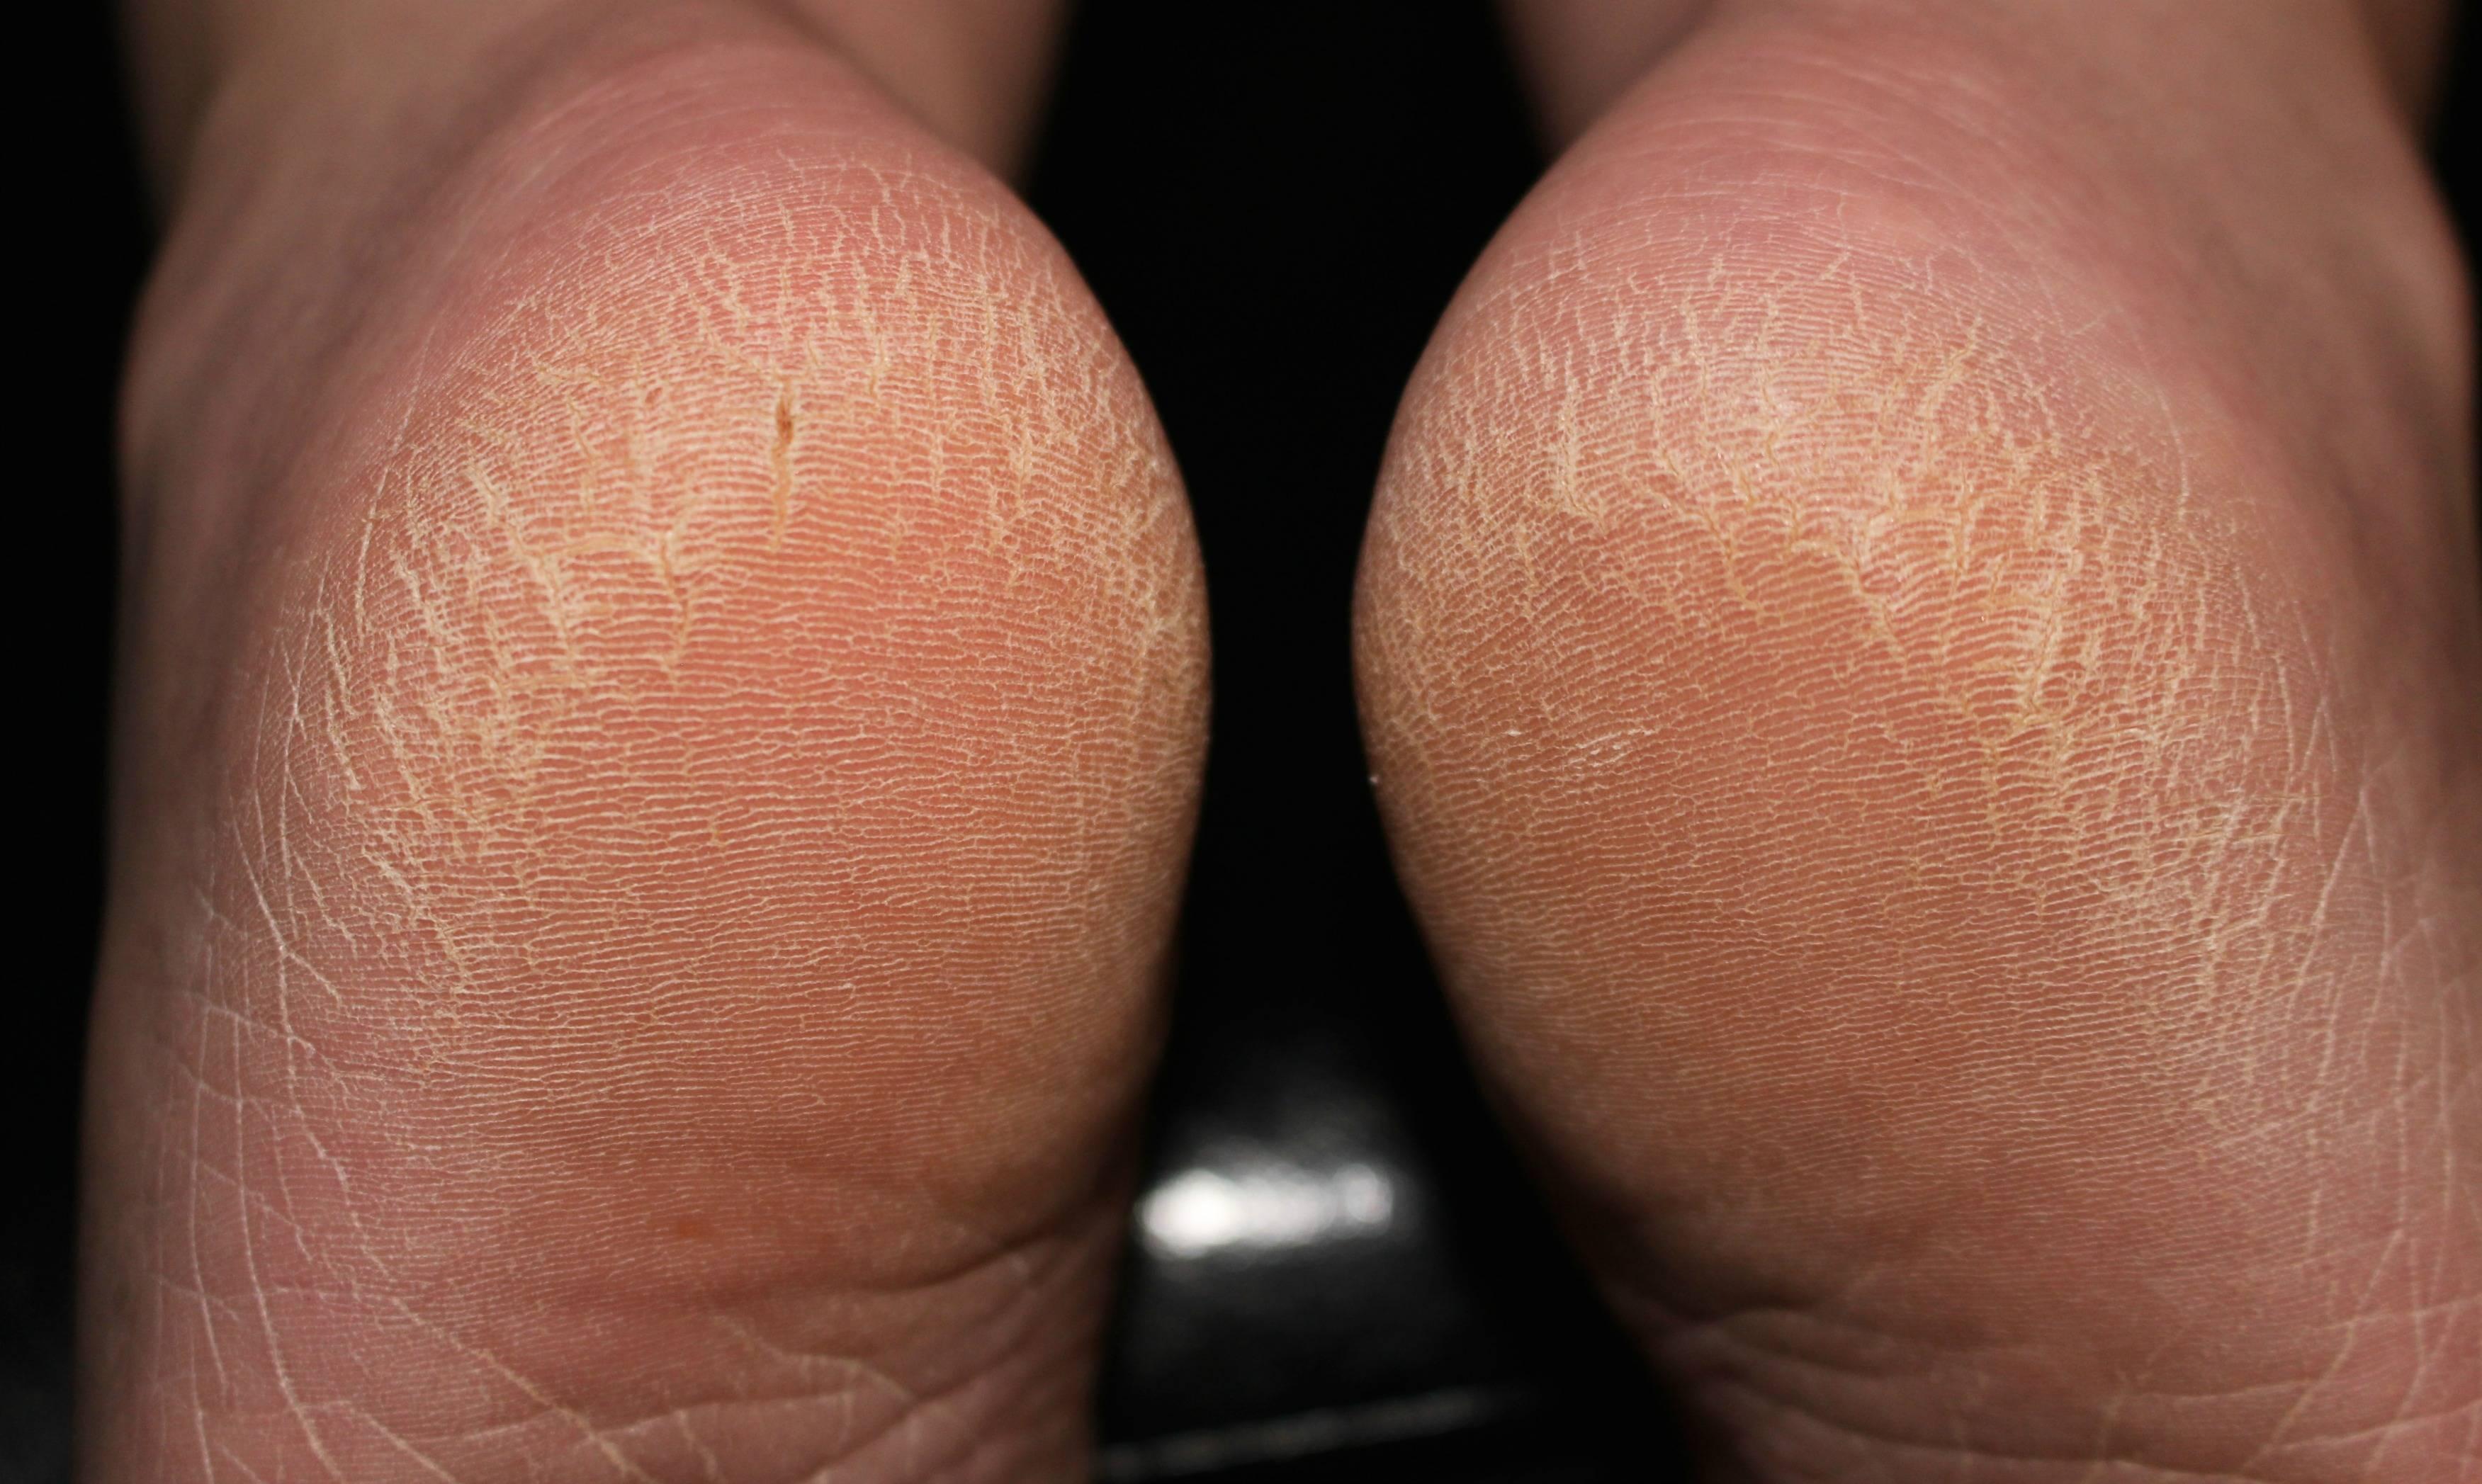 Почему шелушится кожа на стопах ног и отслаивается чешуйками